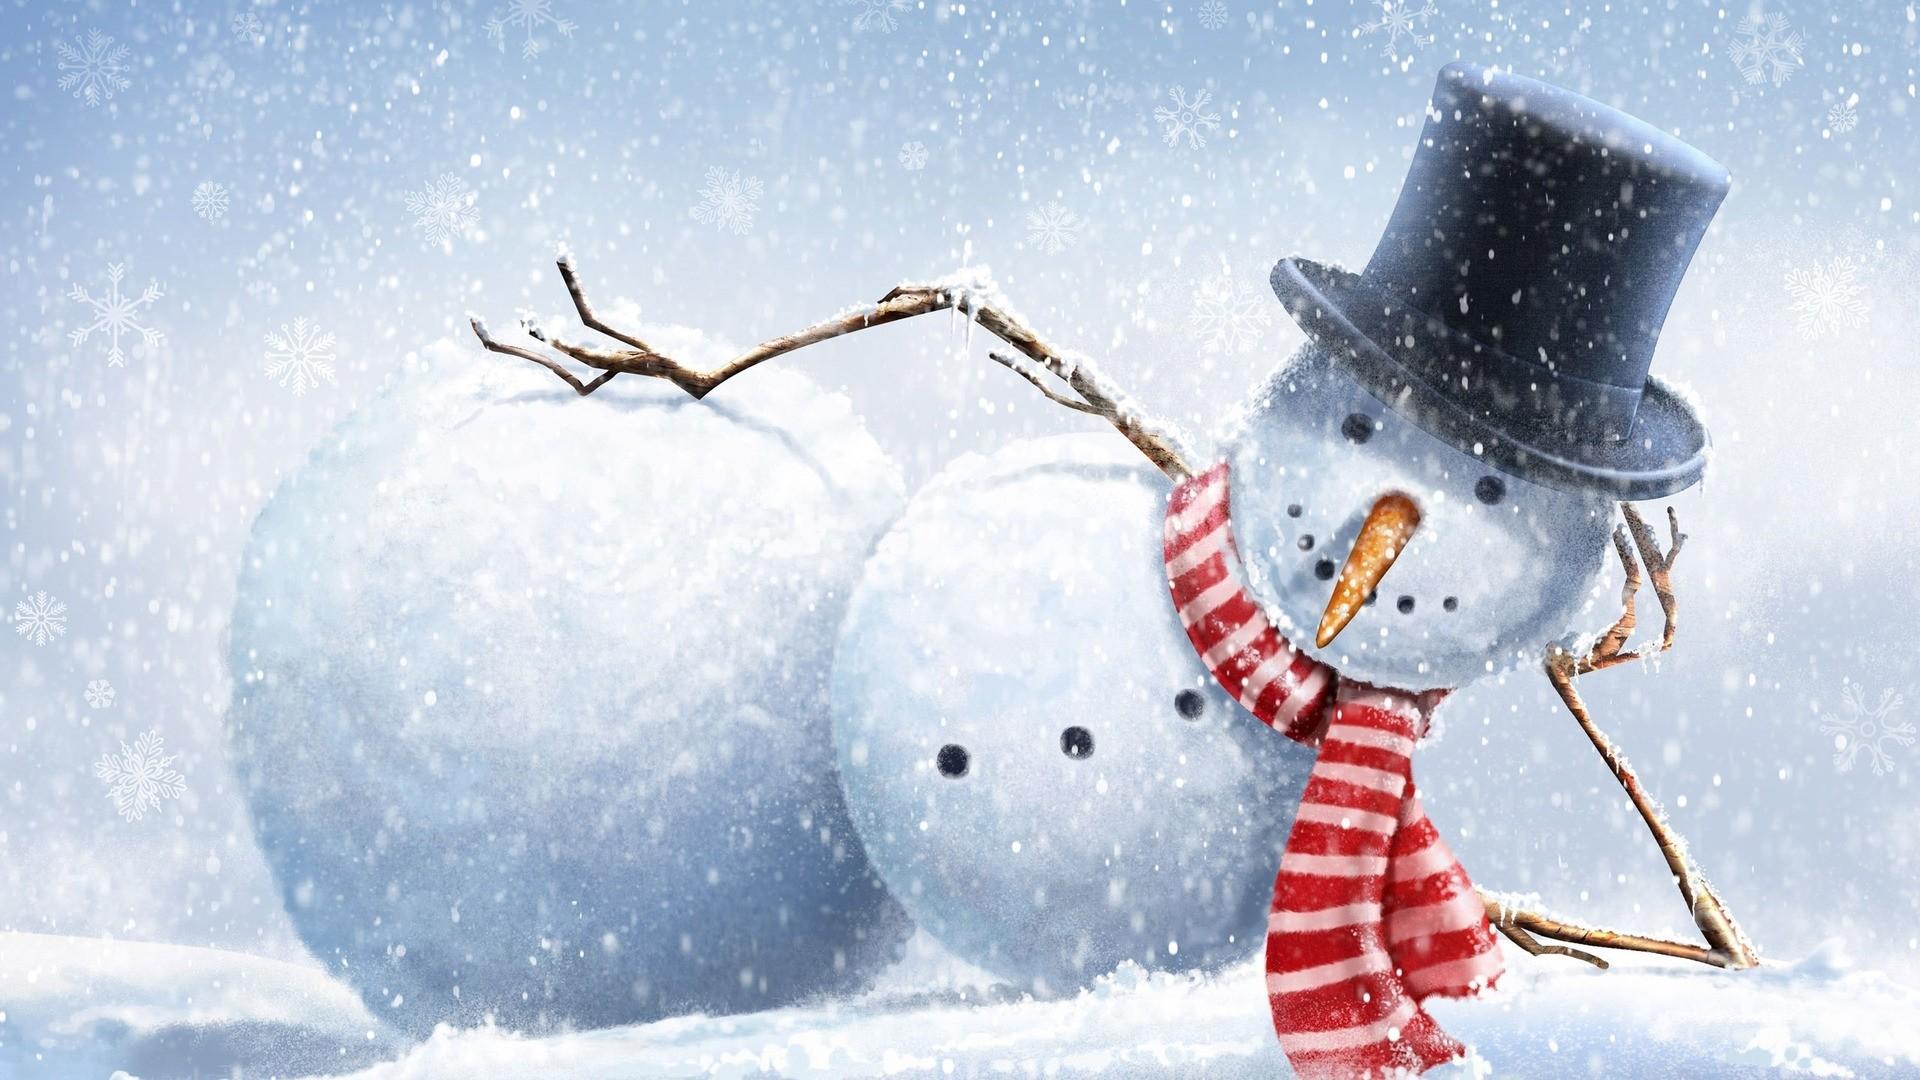 Snowman Pic